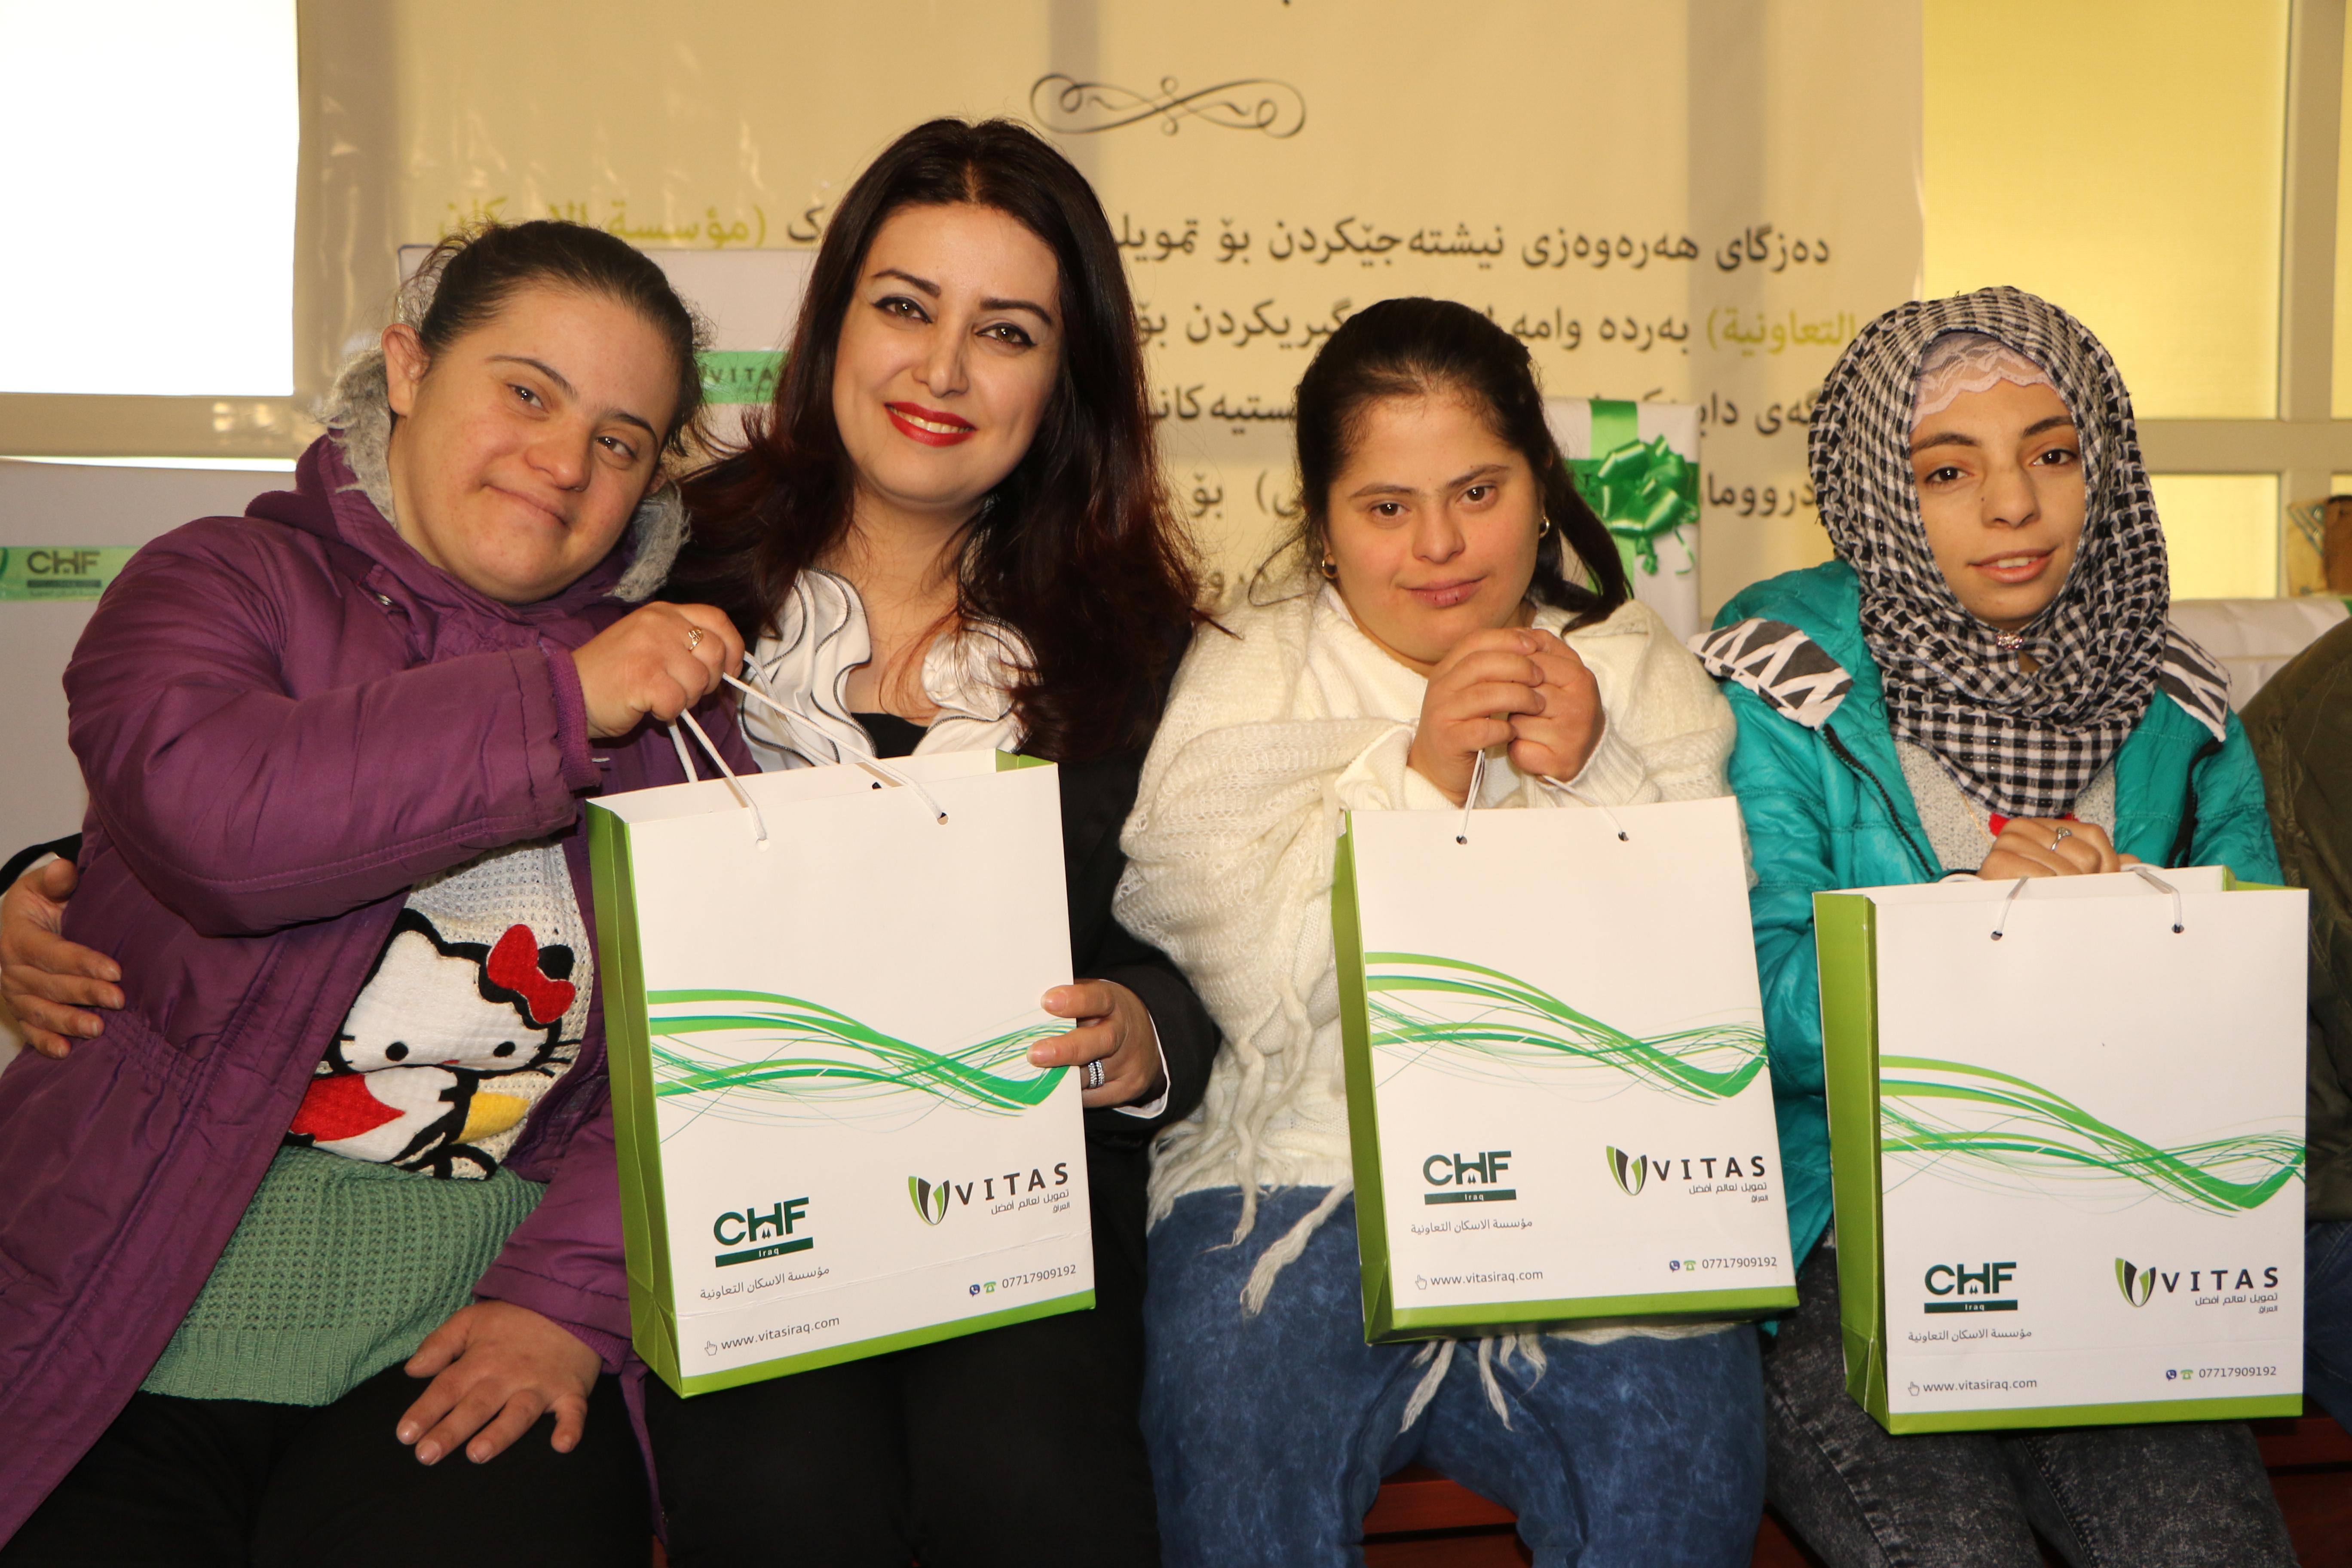 community events - تجهيز معاهد التأهيل المهني